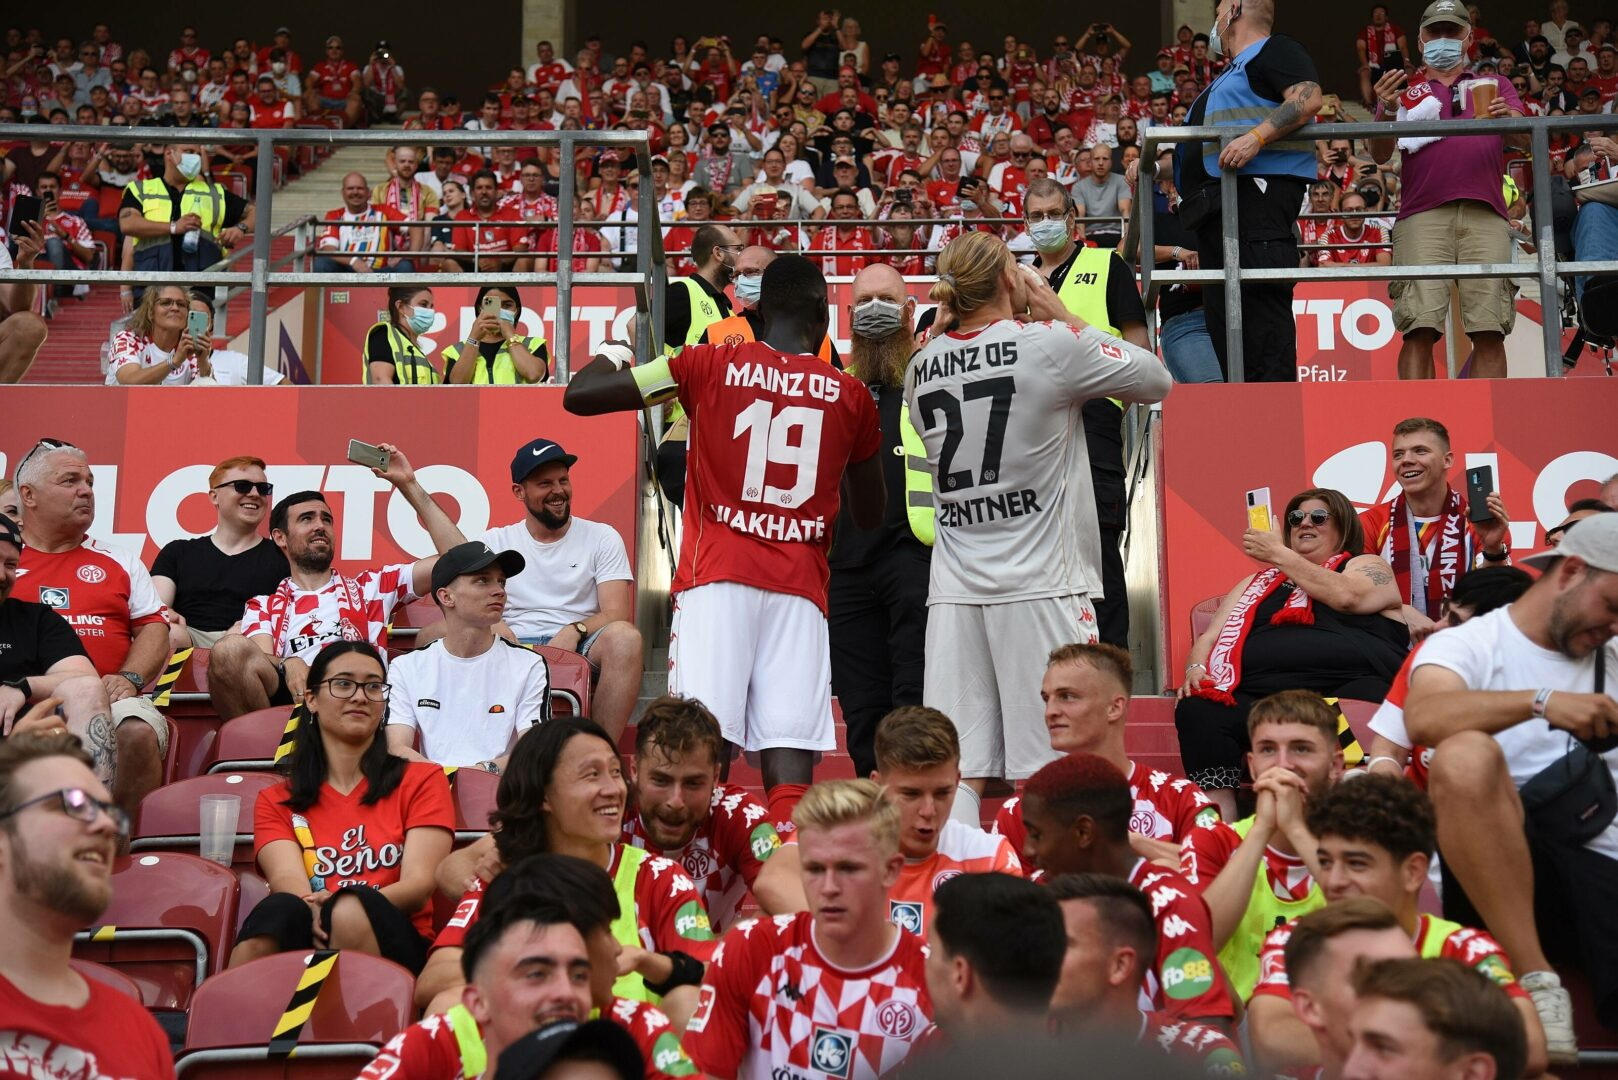 Im Anschluss an den 1:0-Erfolg über Leipzig feierten die Spieler des FSV Mainz 05 gemeinsam mit den treuen Anhängern.